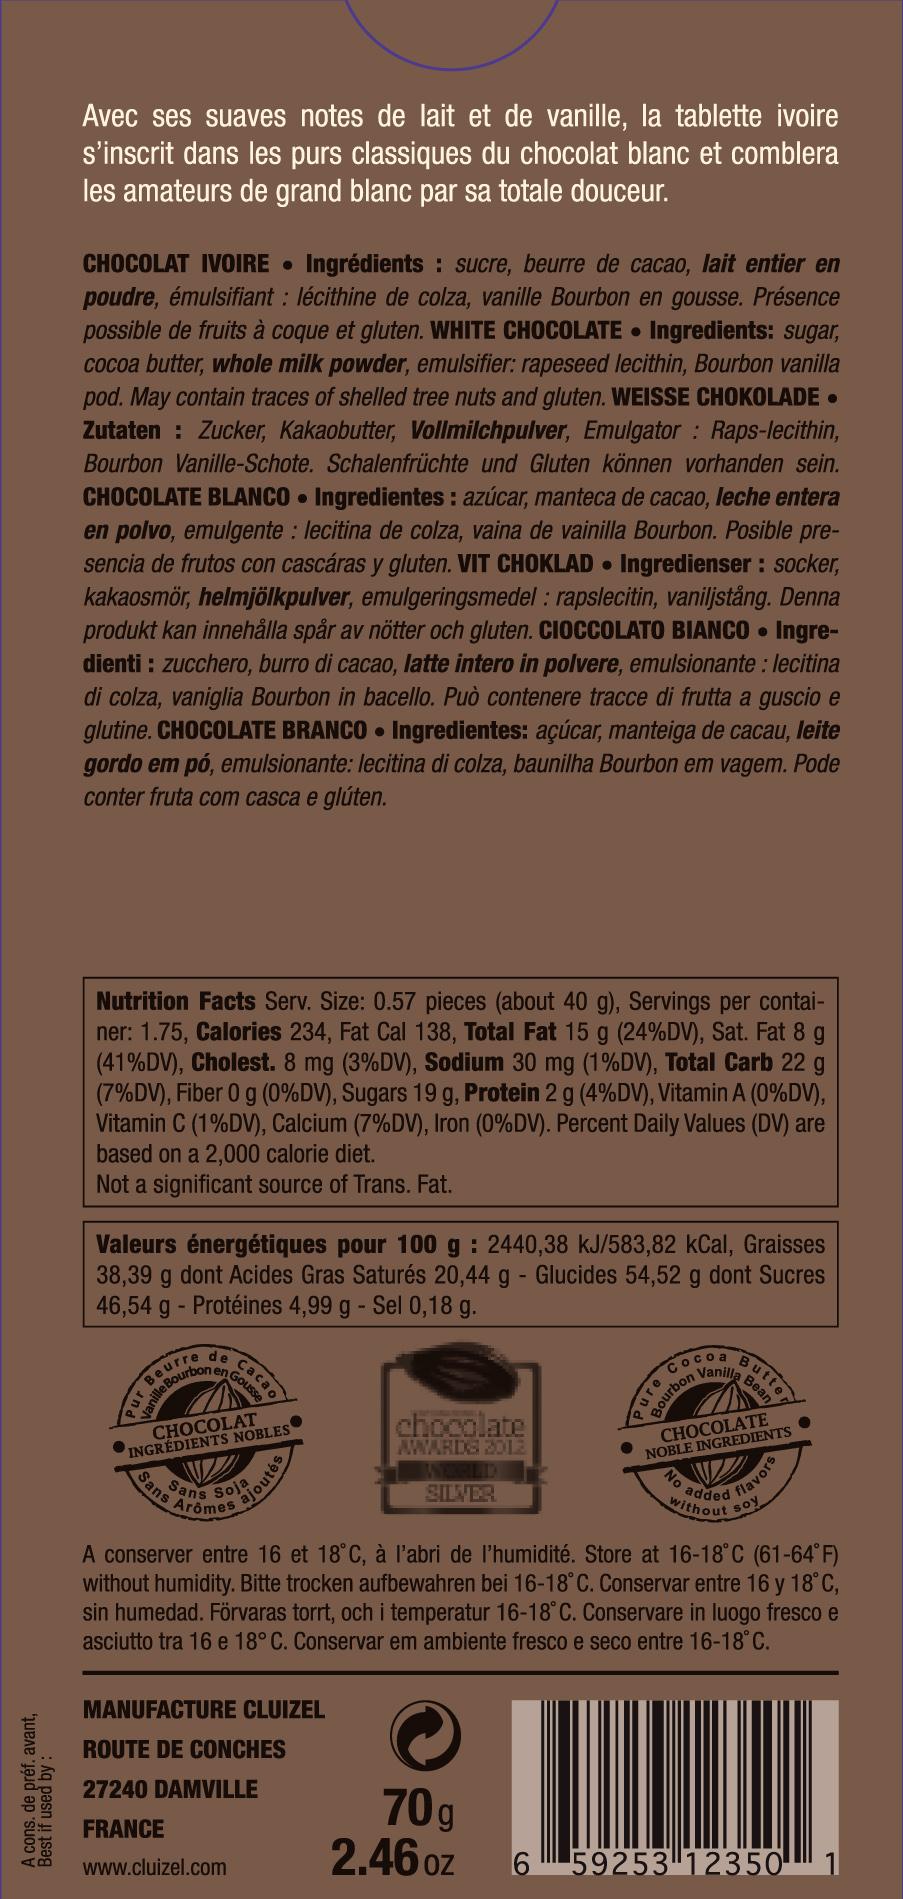 Michel Cluizel Weiße Schokolade - Rückseite